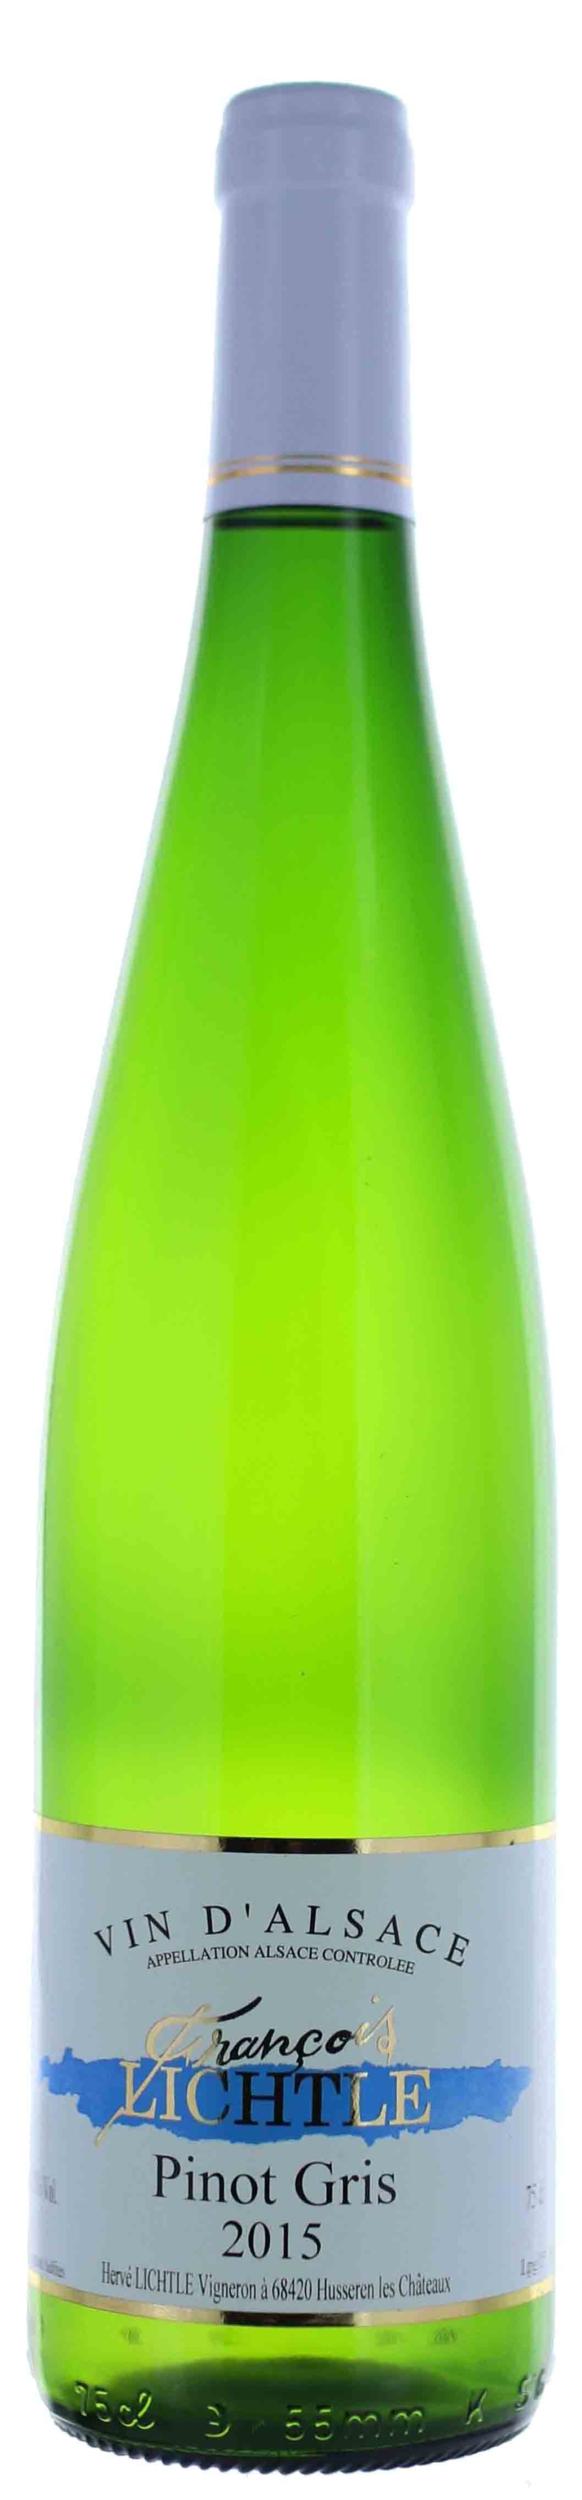 Pinot Gris - Domaine François Lichtle - 2018